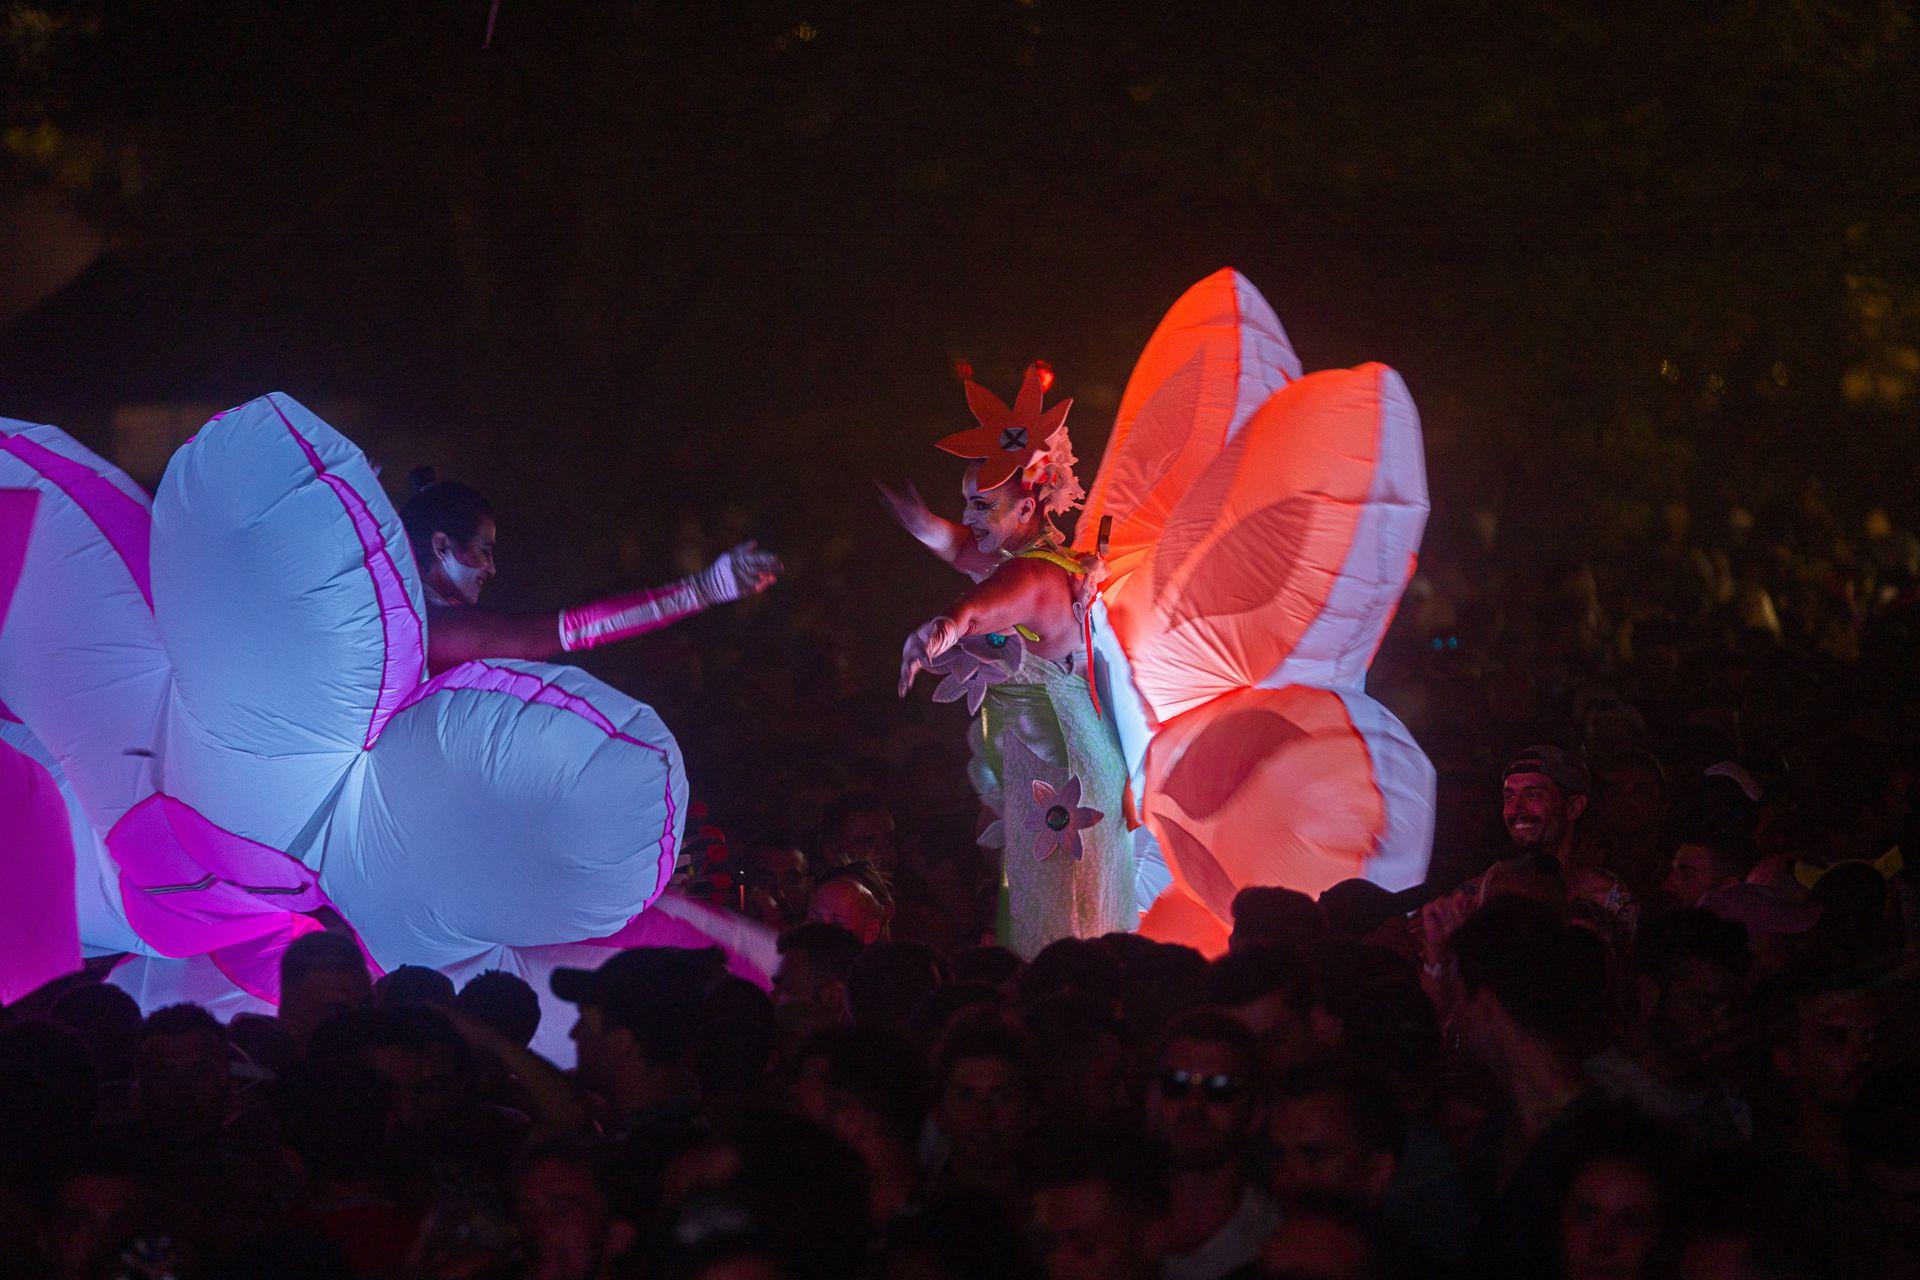 Personnes déguisées en fleurs fluorescentes sur échasses au milieu de festivaliers qui dansent à la nuit tombée lors de la Family Piknik au Domaine de Grandmont à Montpellier